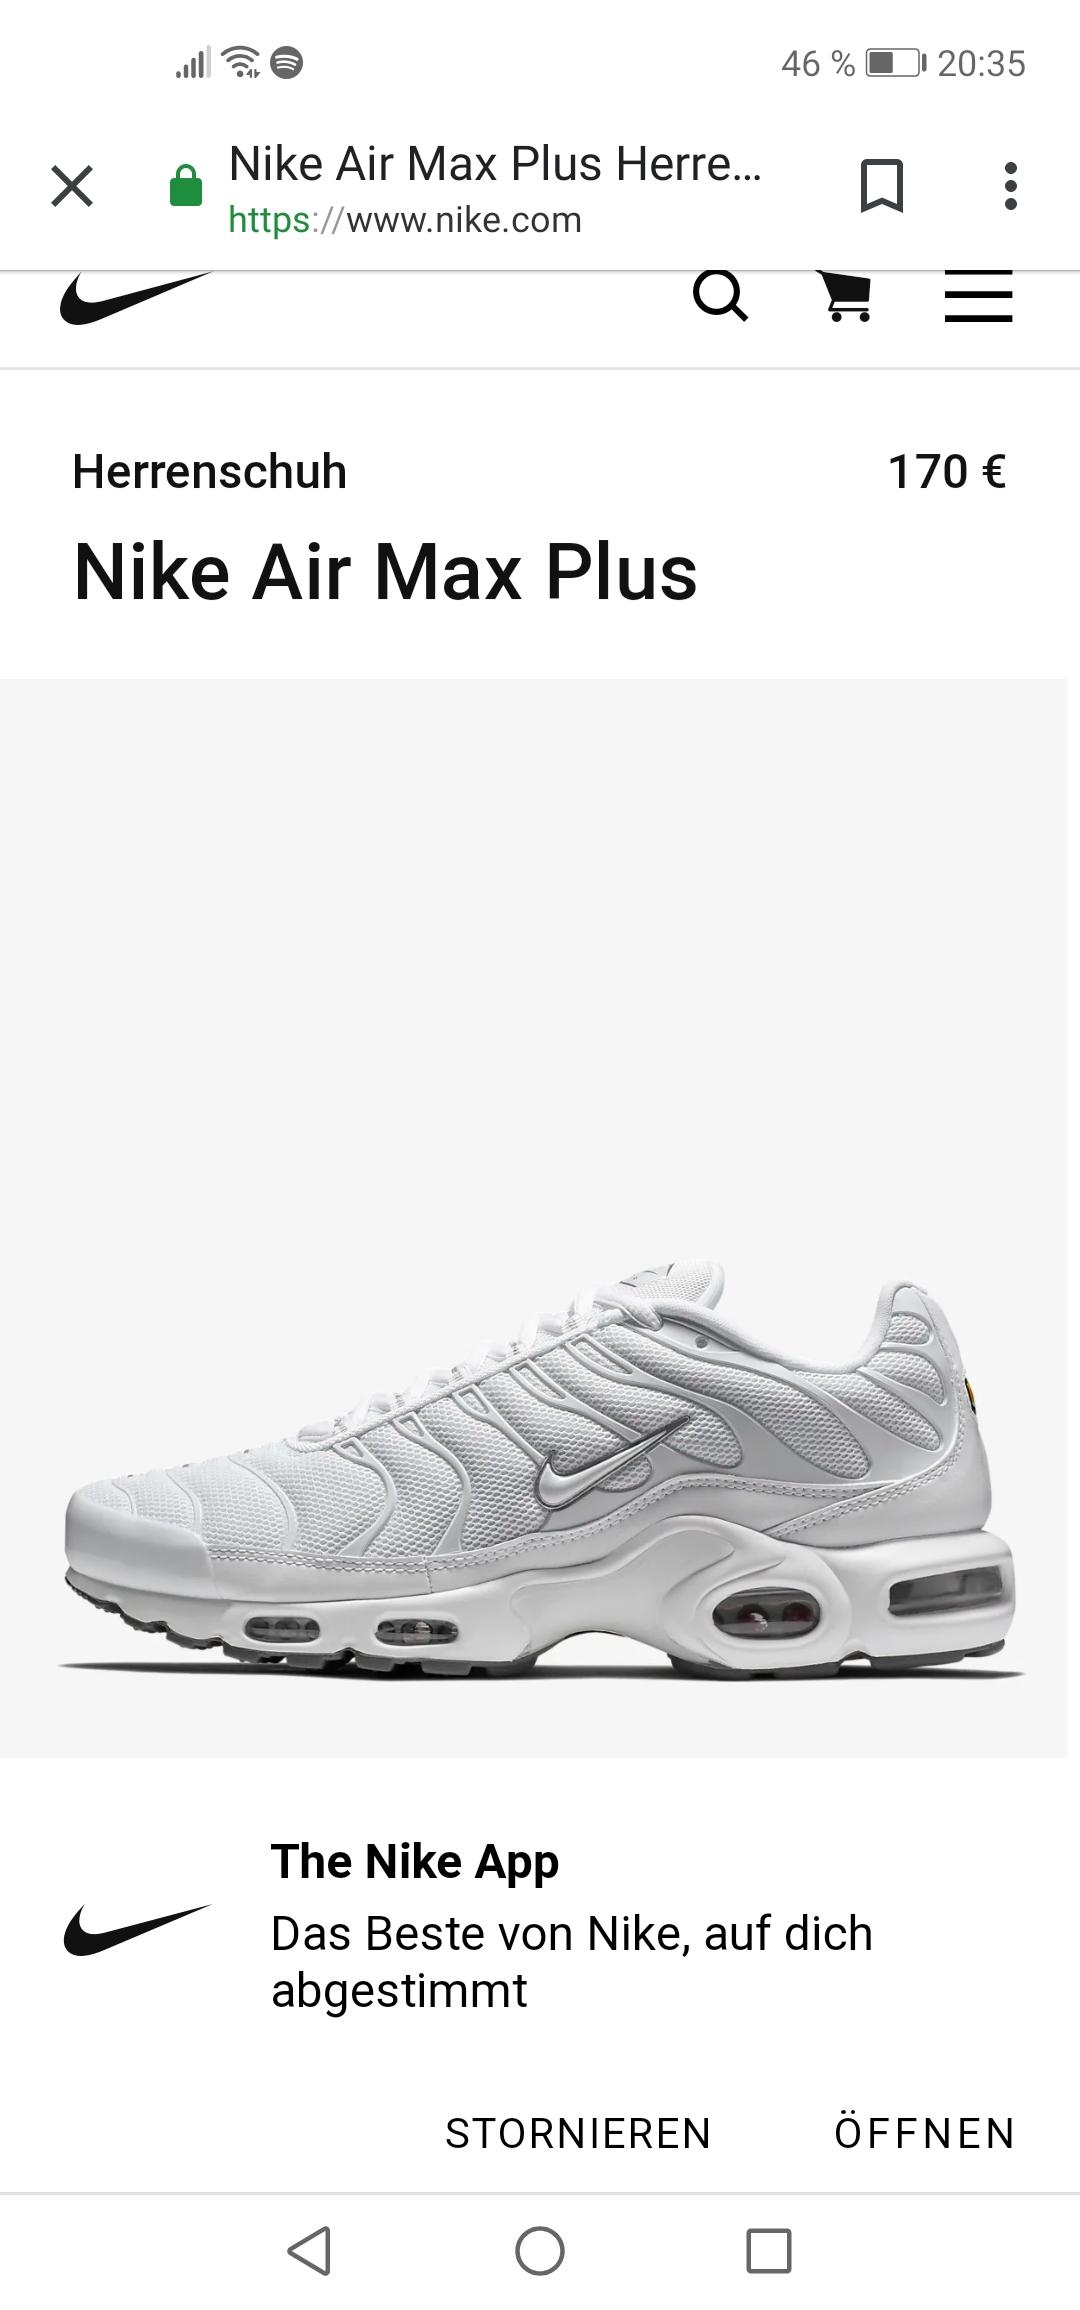 Großhandel Nike Air Max 97 oder Tn? (Mode, Kleidung, Schuhe